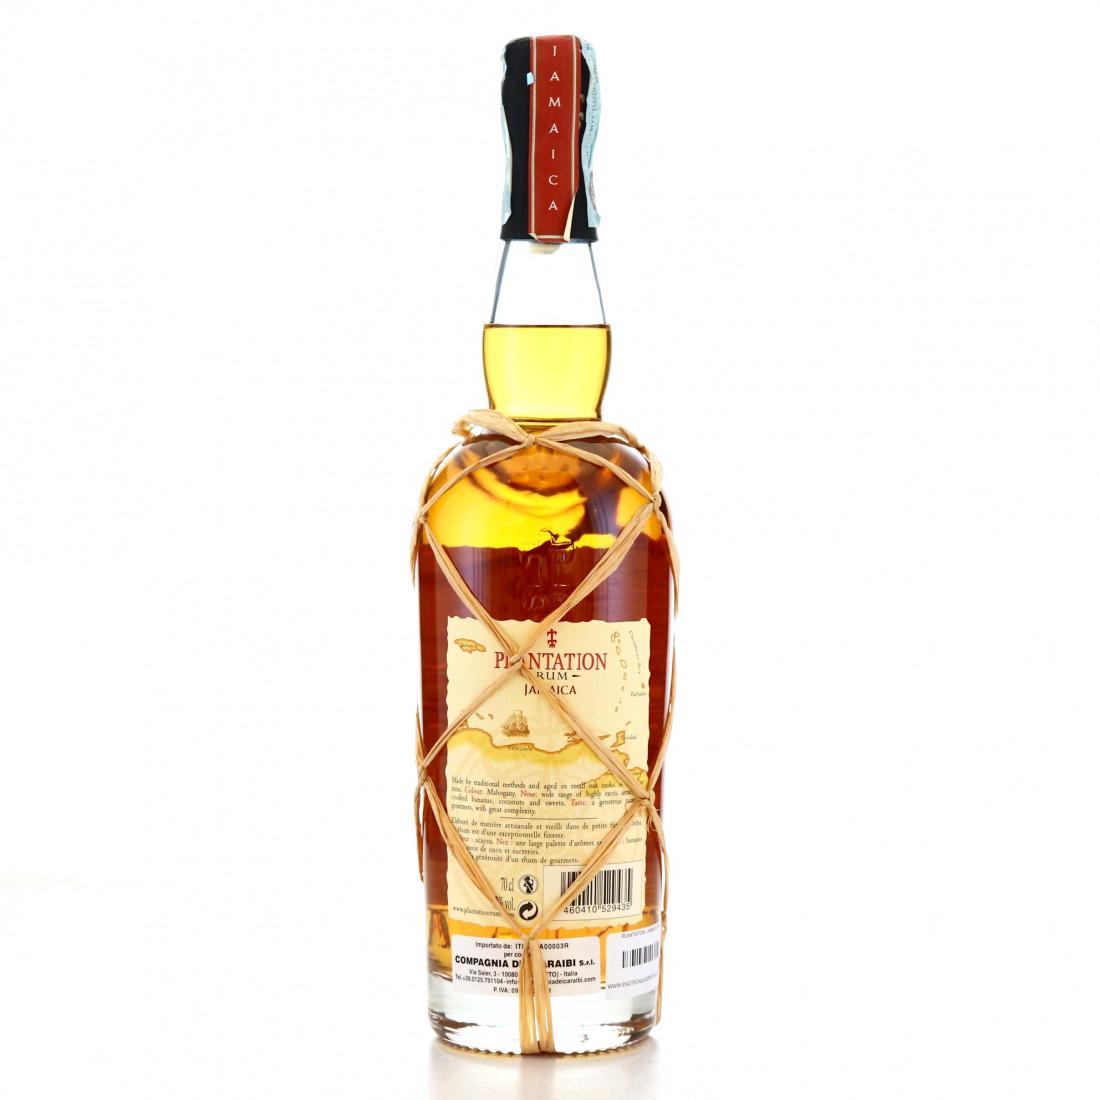 Jamaica Rum 2001 Plantation Old Artisanal | Rum Auctioneer